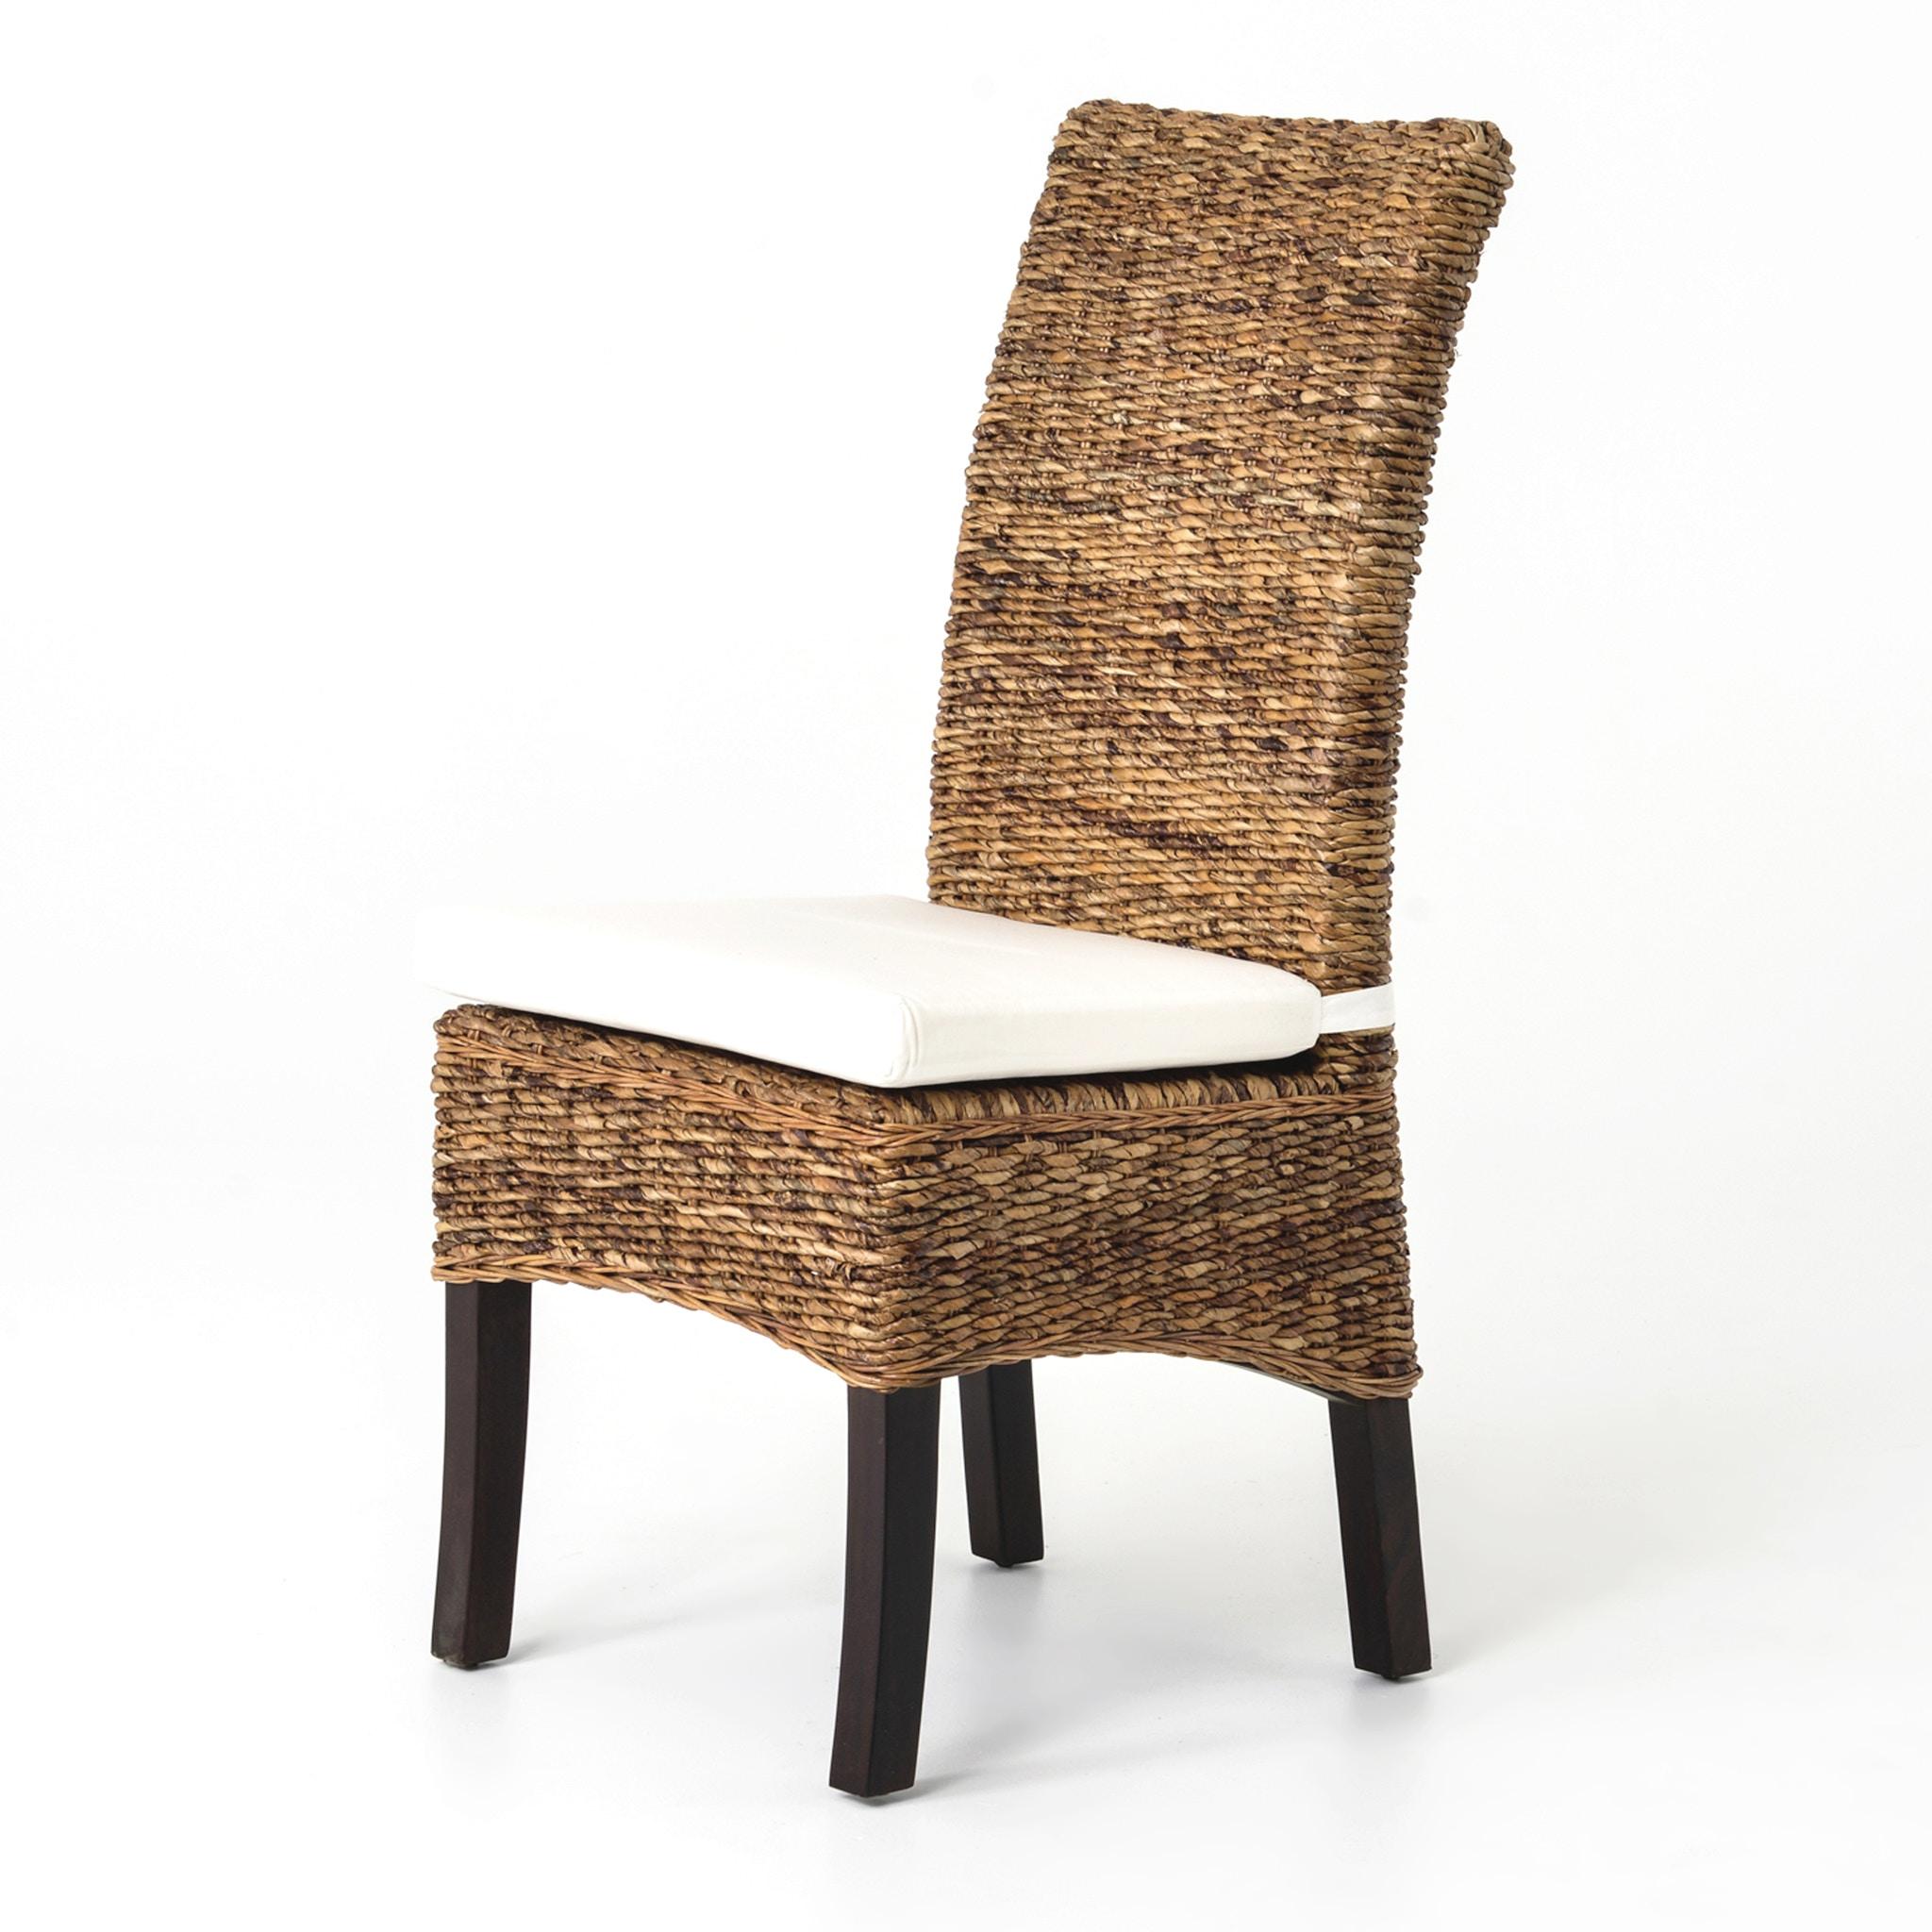 Beau Four Hands Furniture Banana Leaf Chair With Cushion JCHR B1